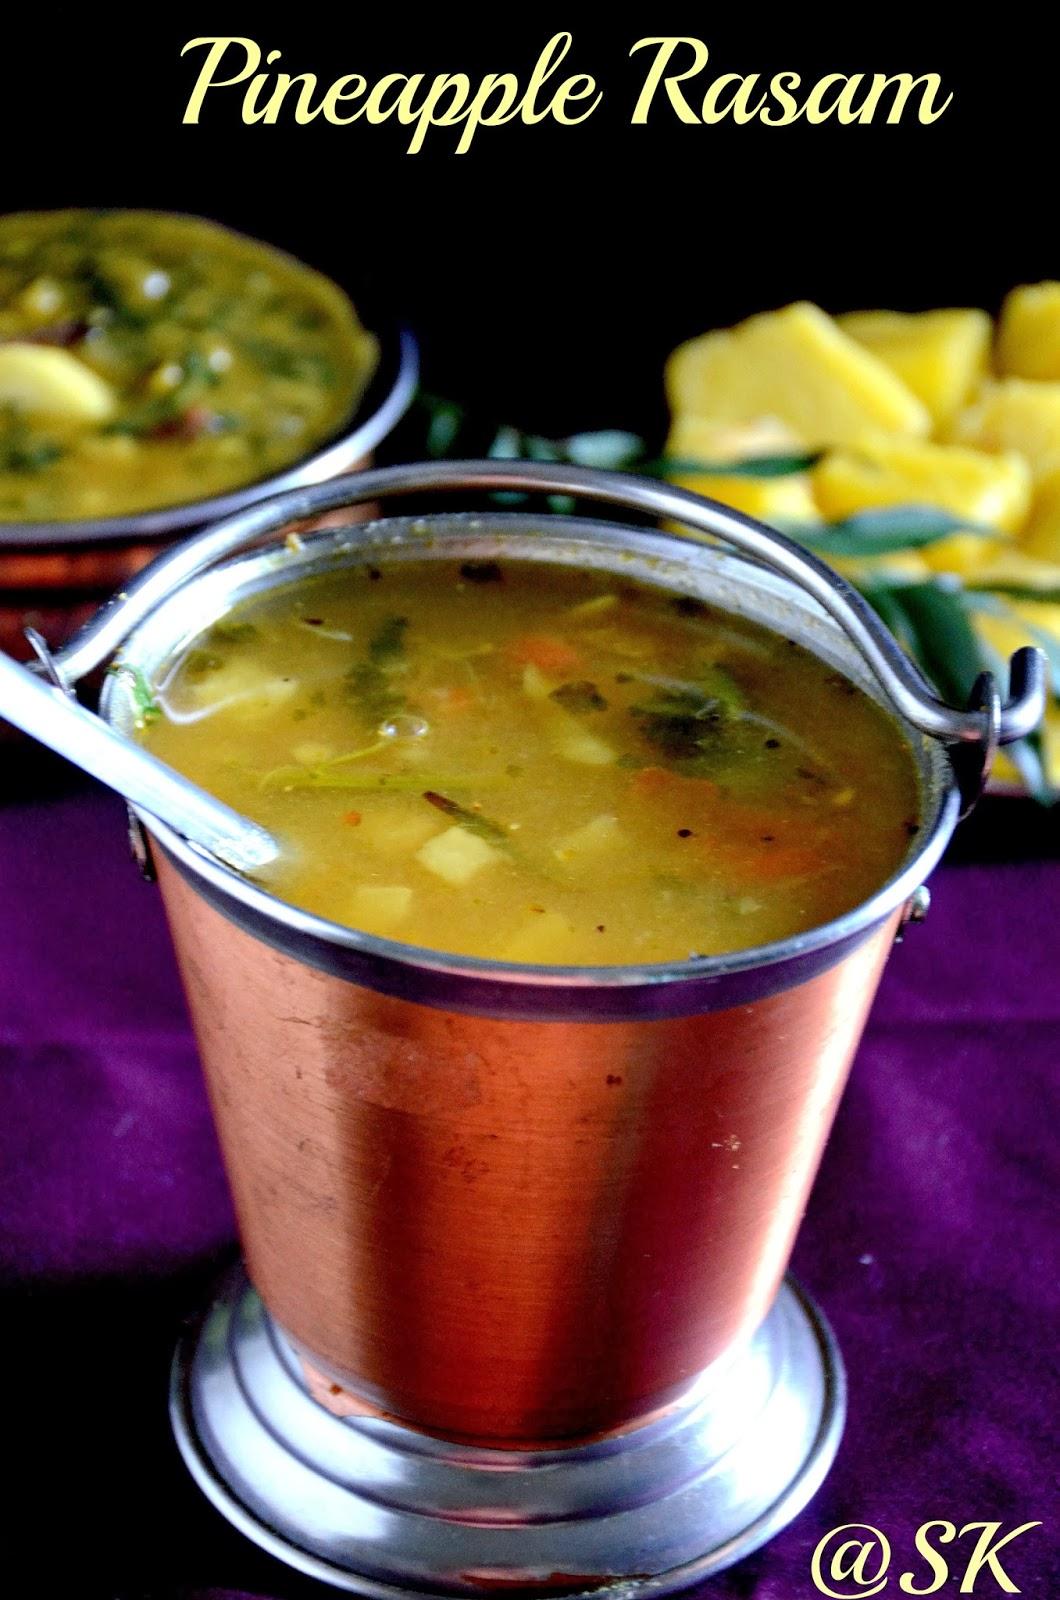 pineapple rasam - pineapple soup  - பைனாப்பிள் ரசம்